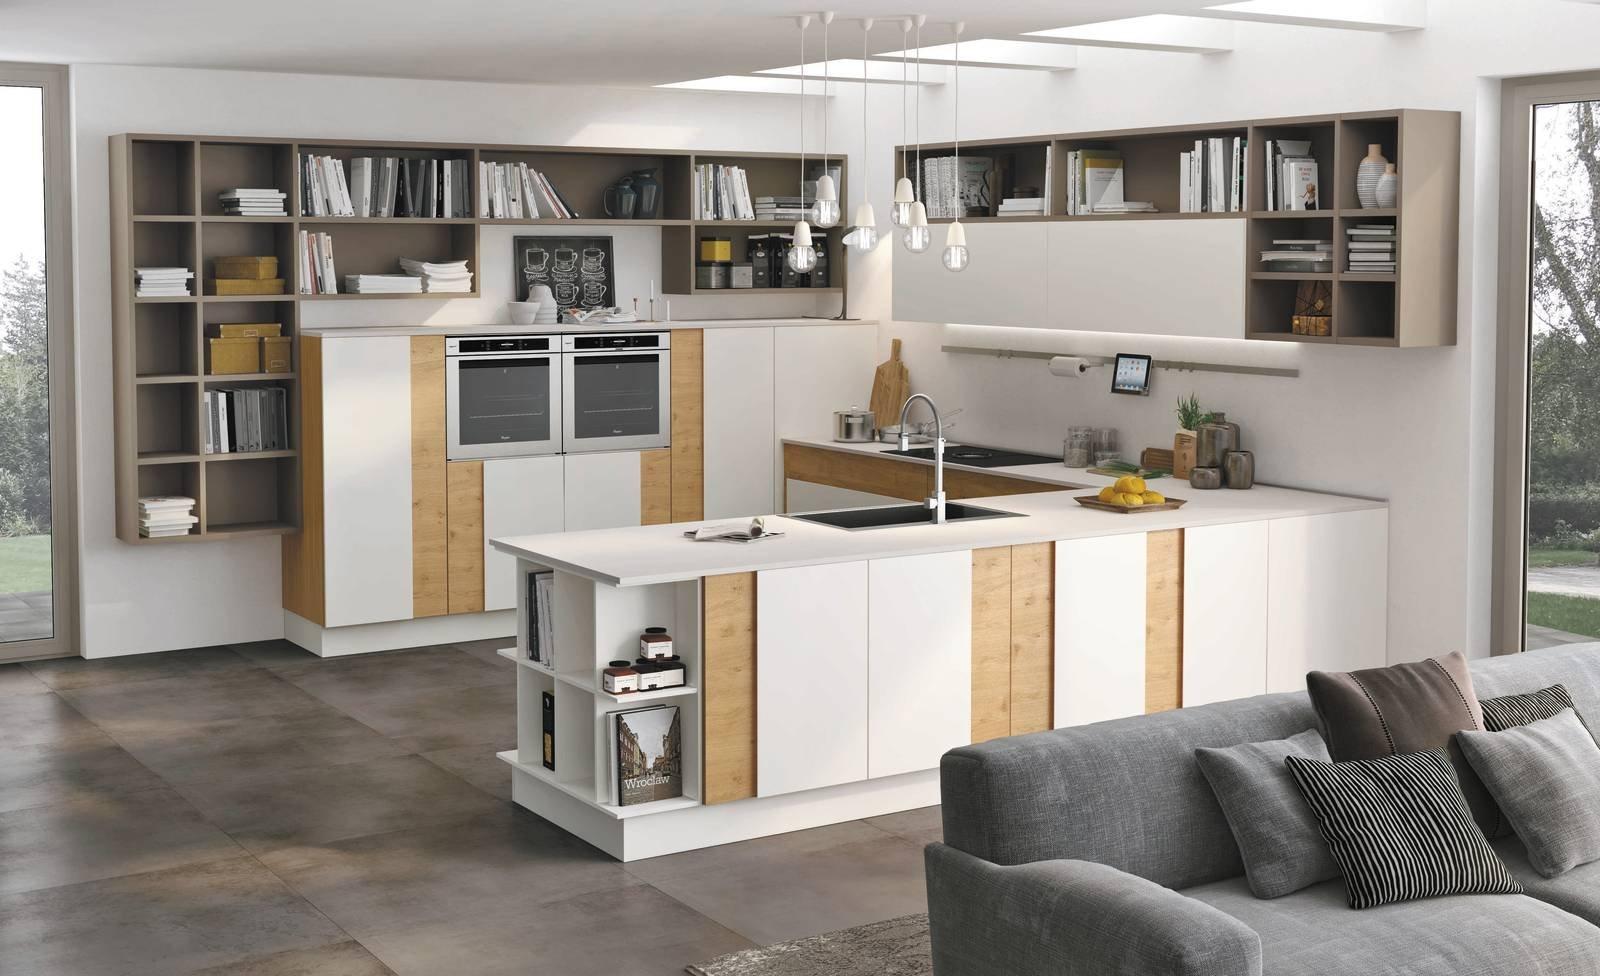 Cucina effetto legno la bellezza dell 39 essenza con i - Esempi di cucine moderne ...